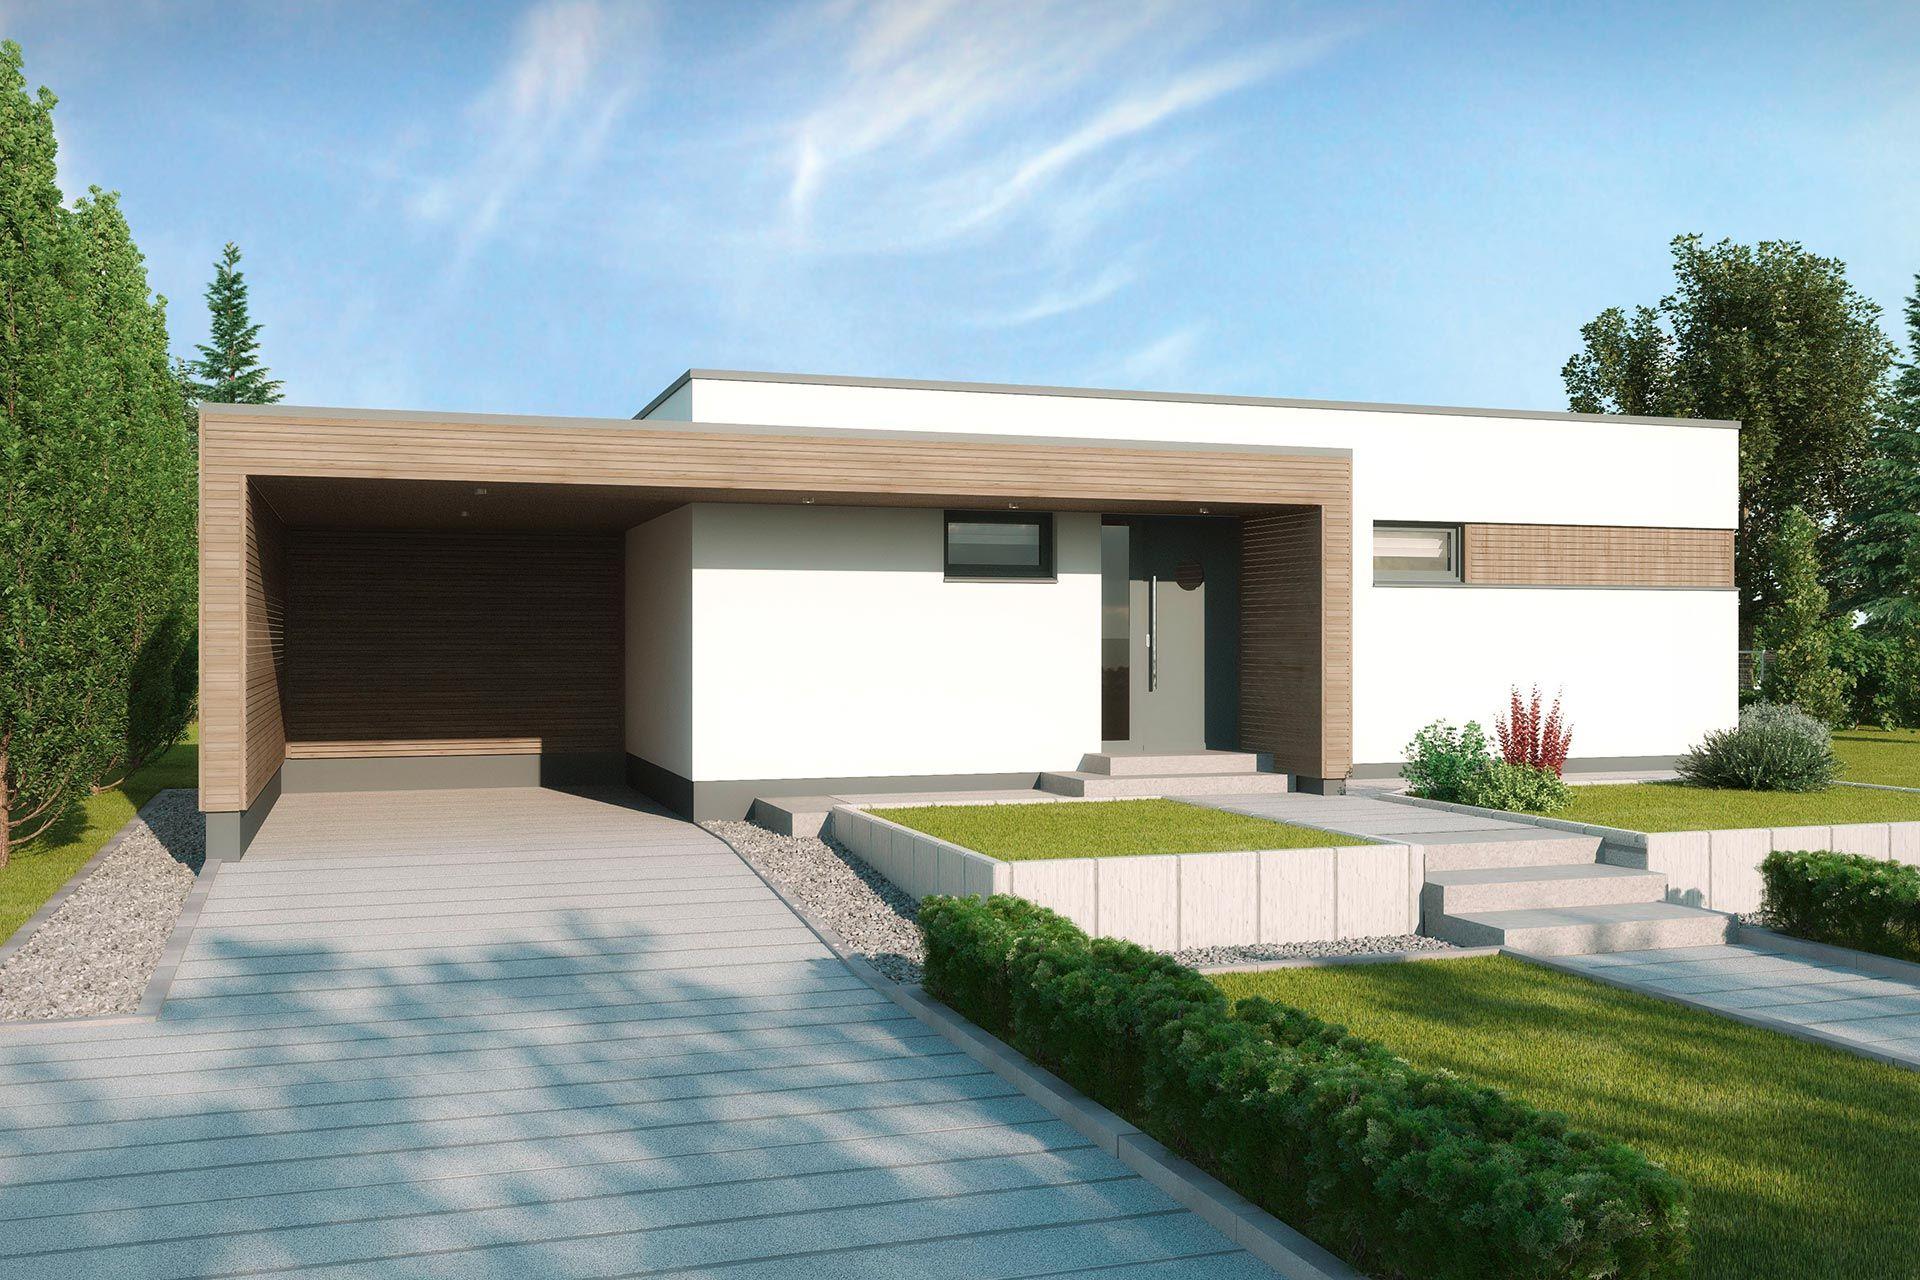 Hausfassade modern bungalow  Bungalow | Moderne Häuser | Pinterest | Moderne häuser ...